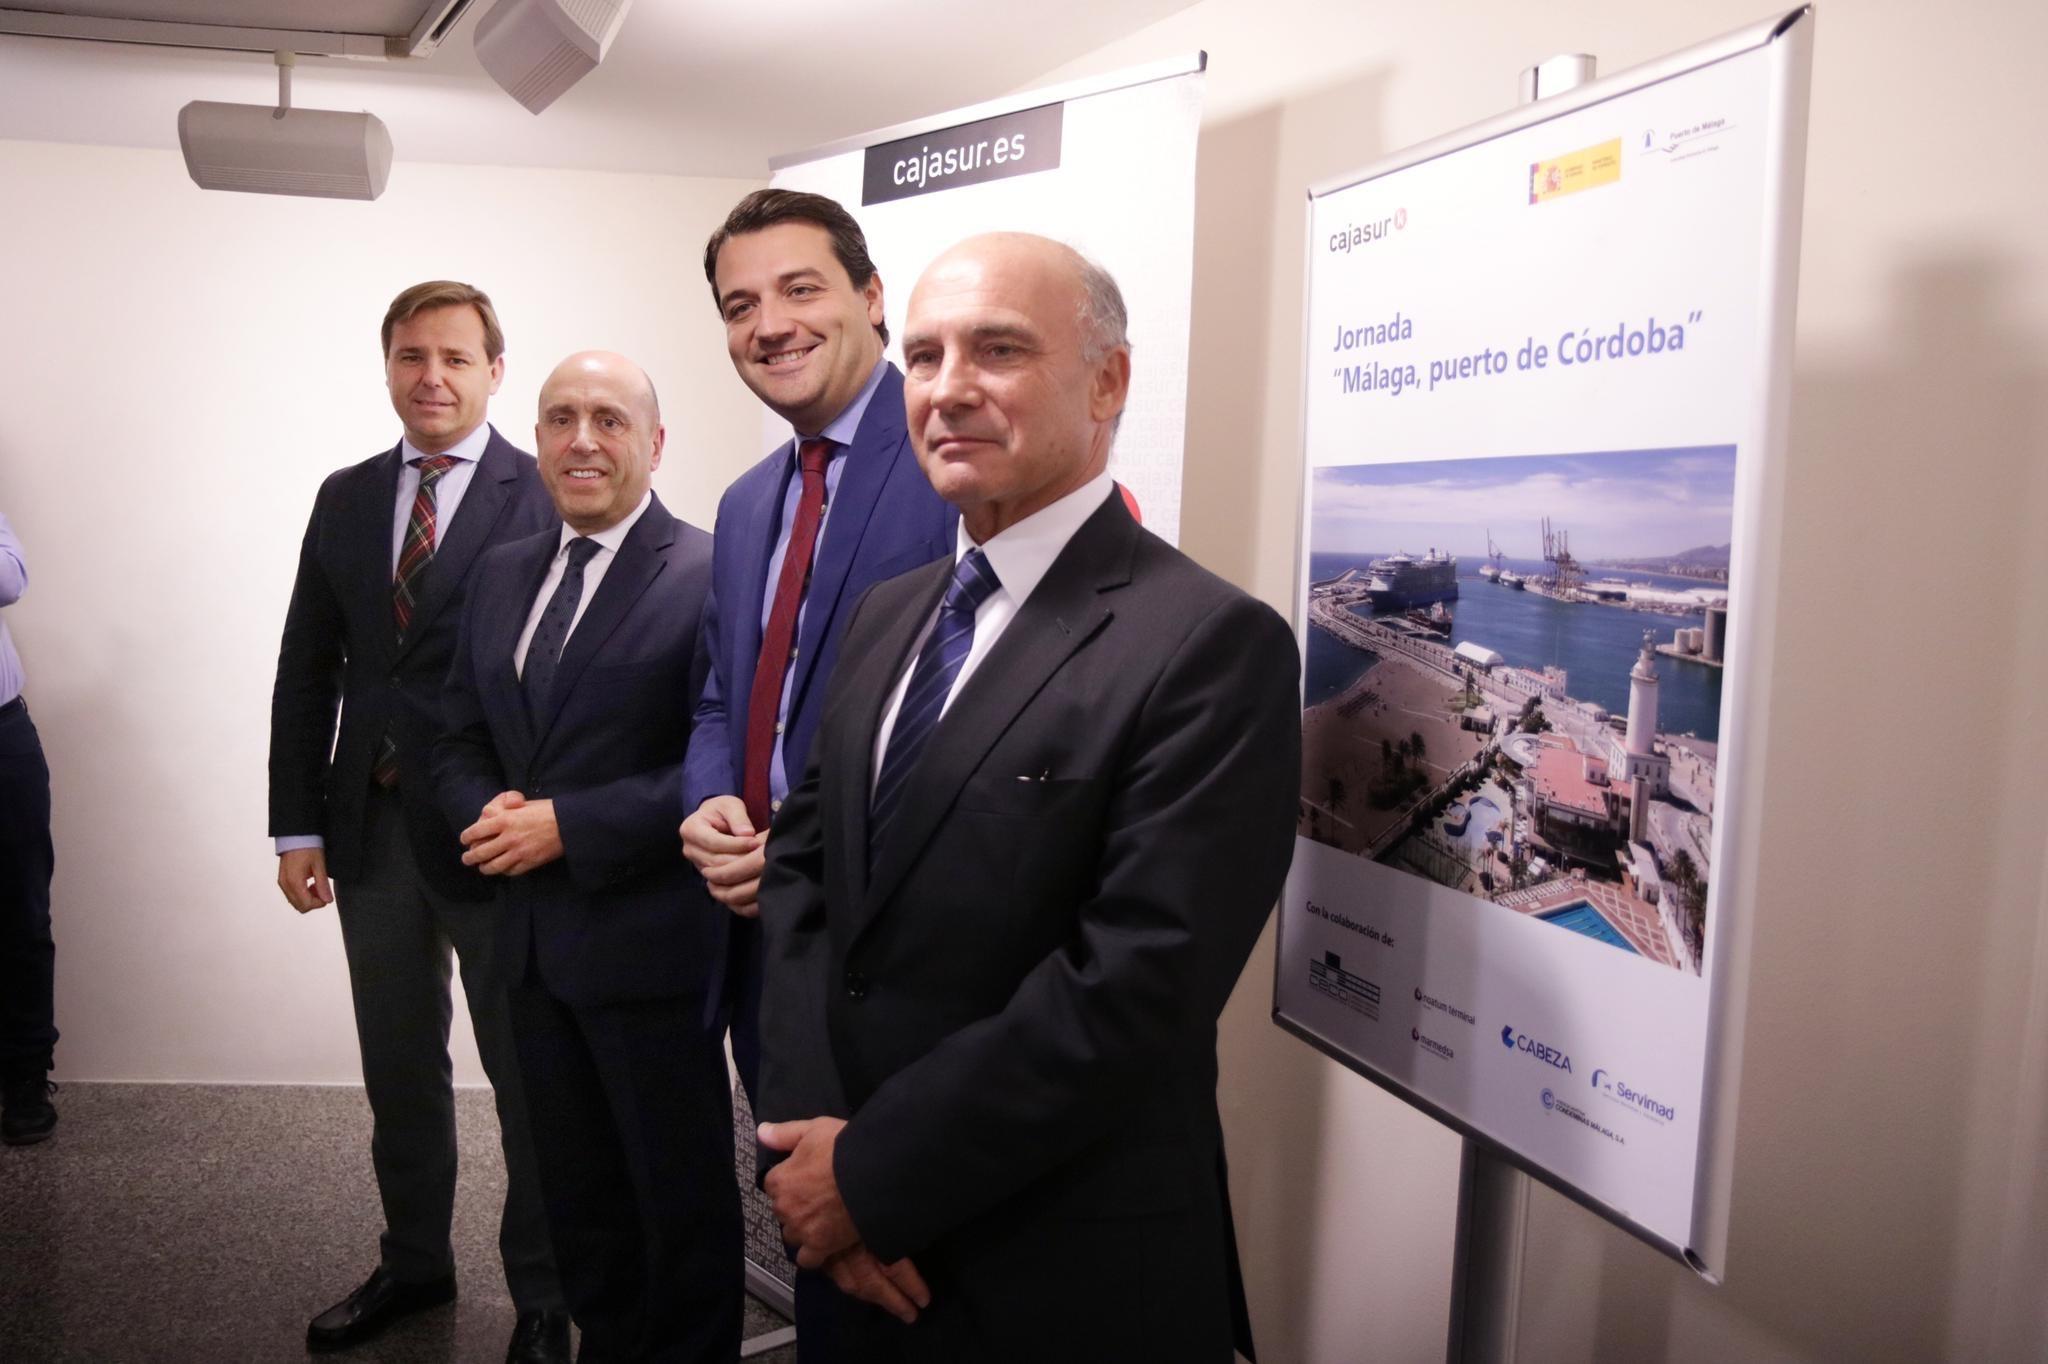 Málaga y Córdoba impulsan la conexión comercial y turística entre ambas provincias